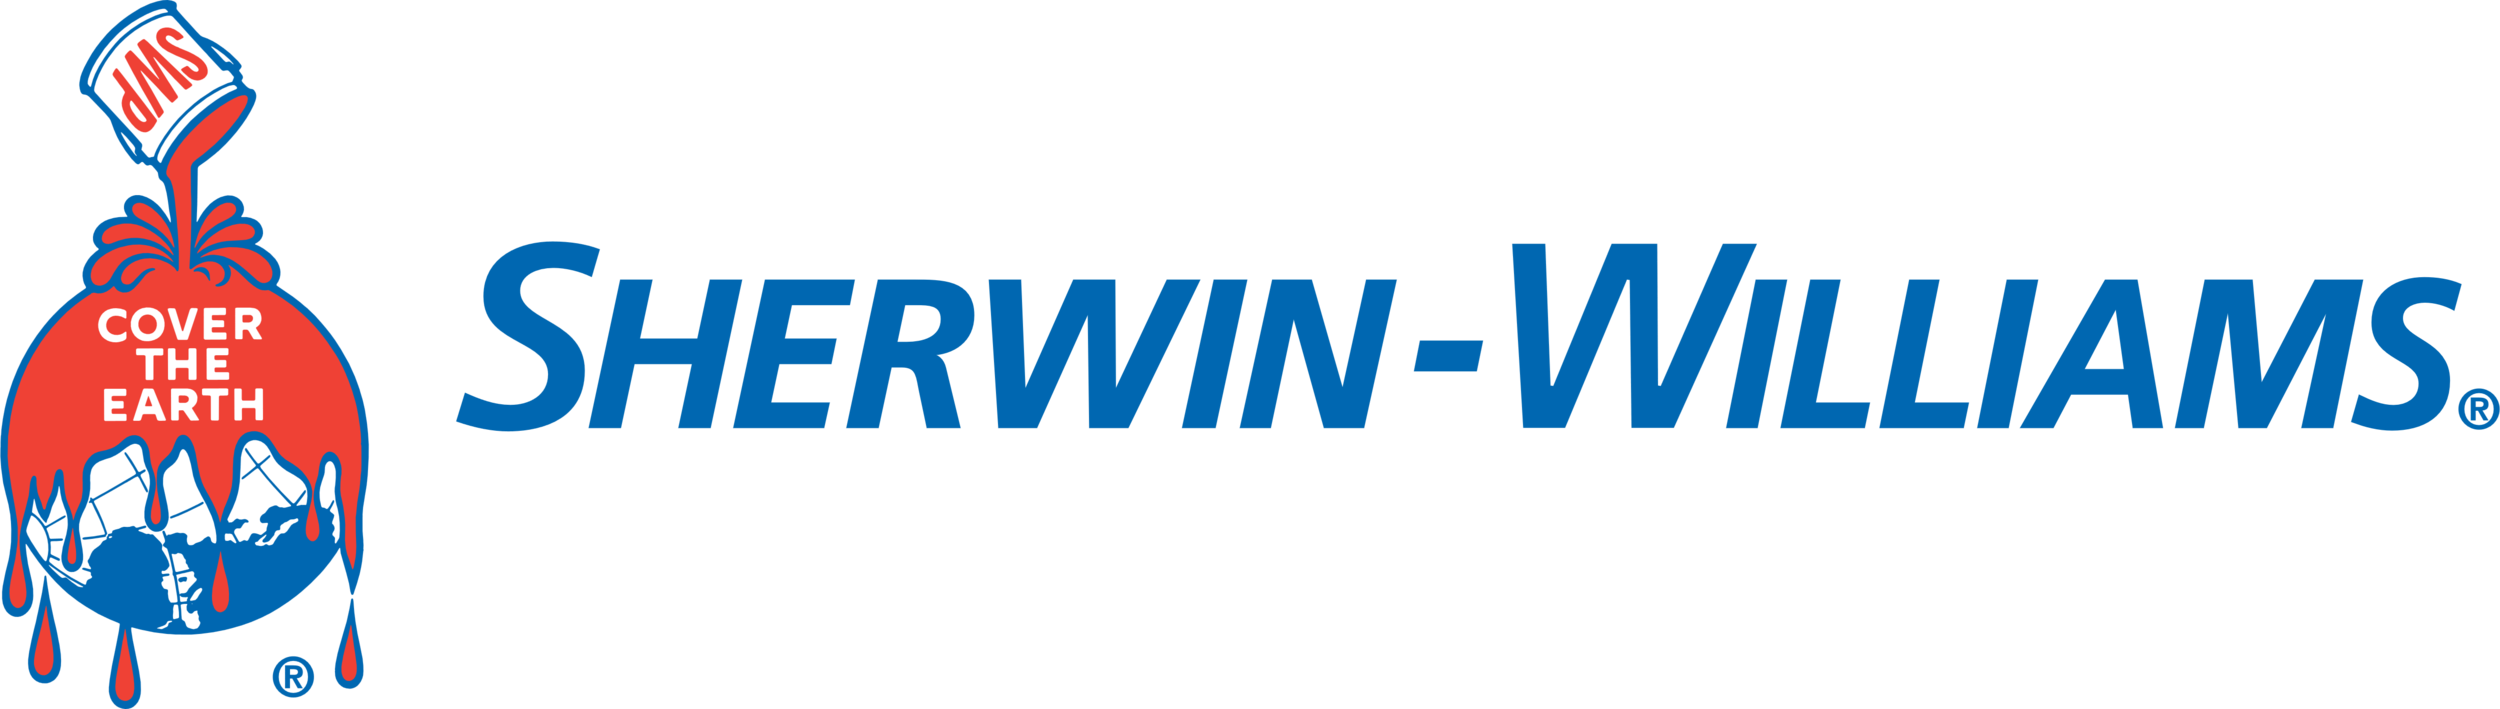 SherwinWilliams_logo.png